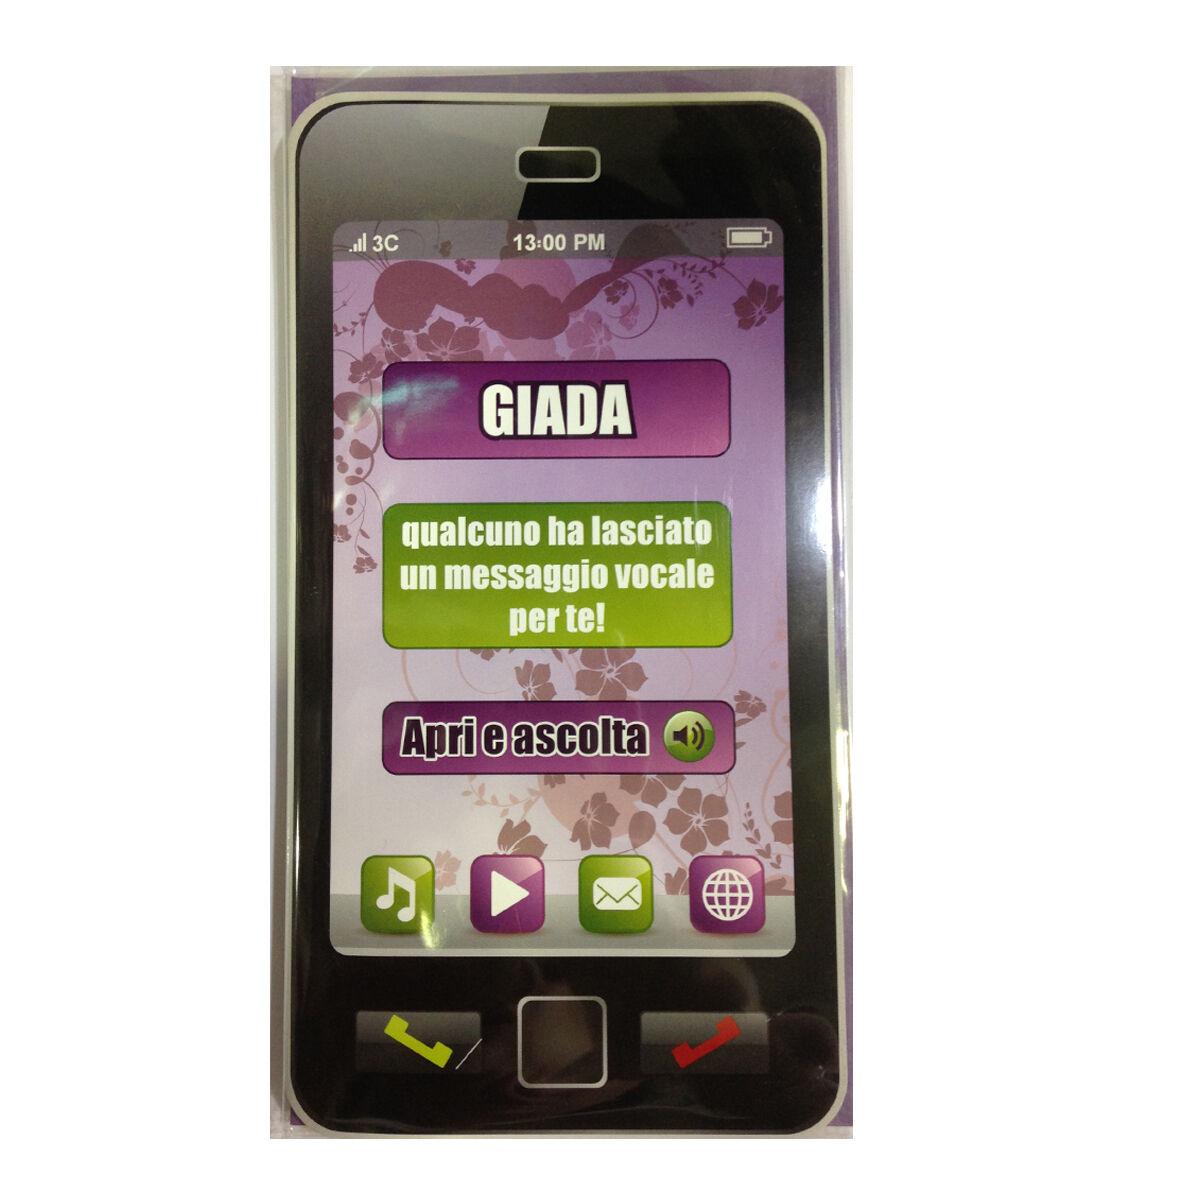 COMPLEANNO biglietto musicale a telefono squilla segreteria nome GIADA